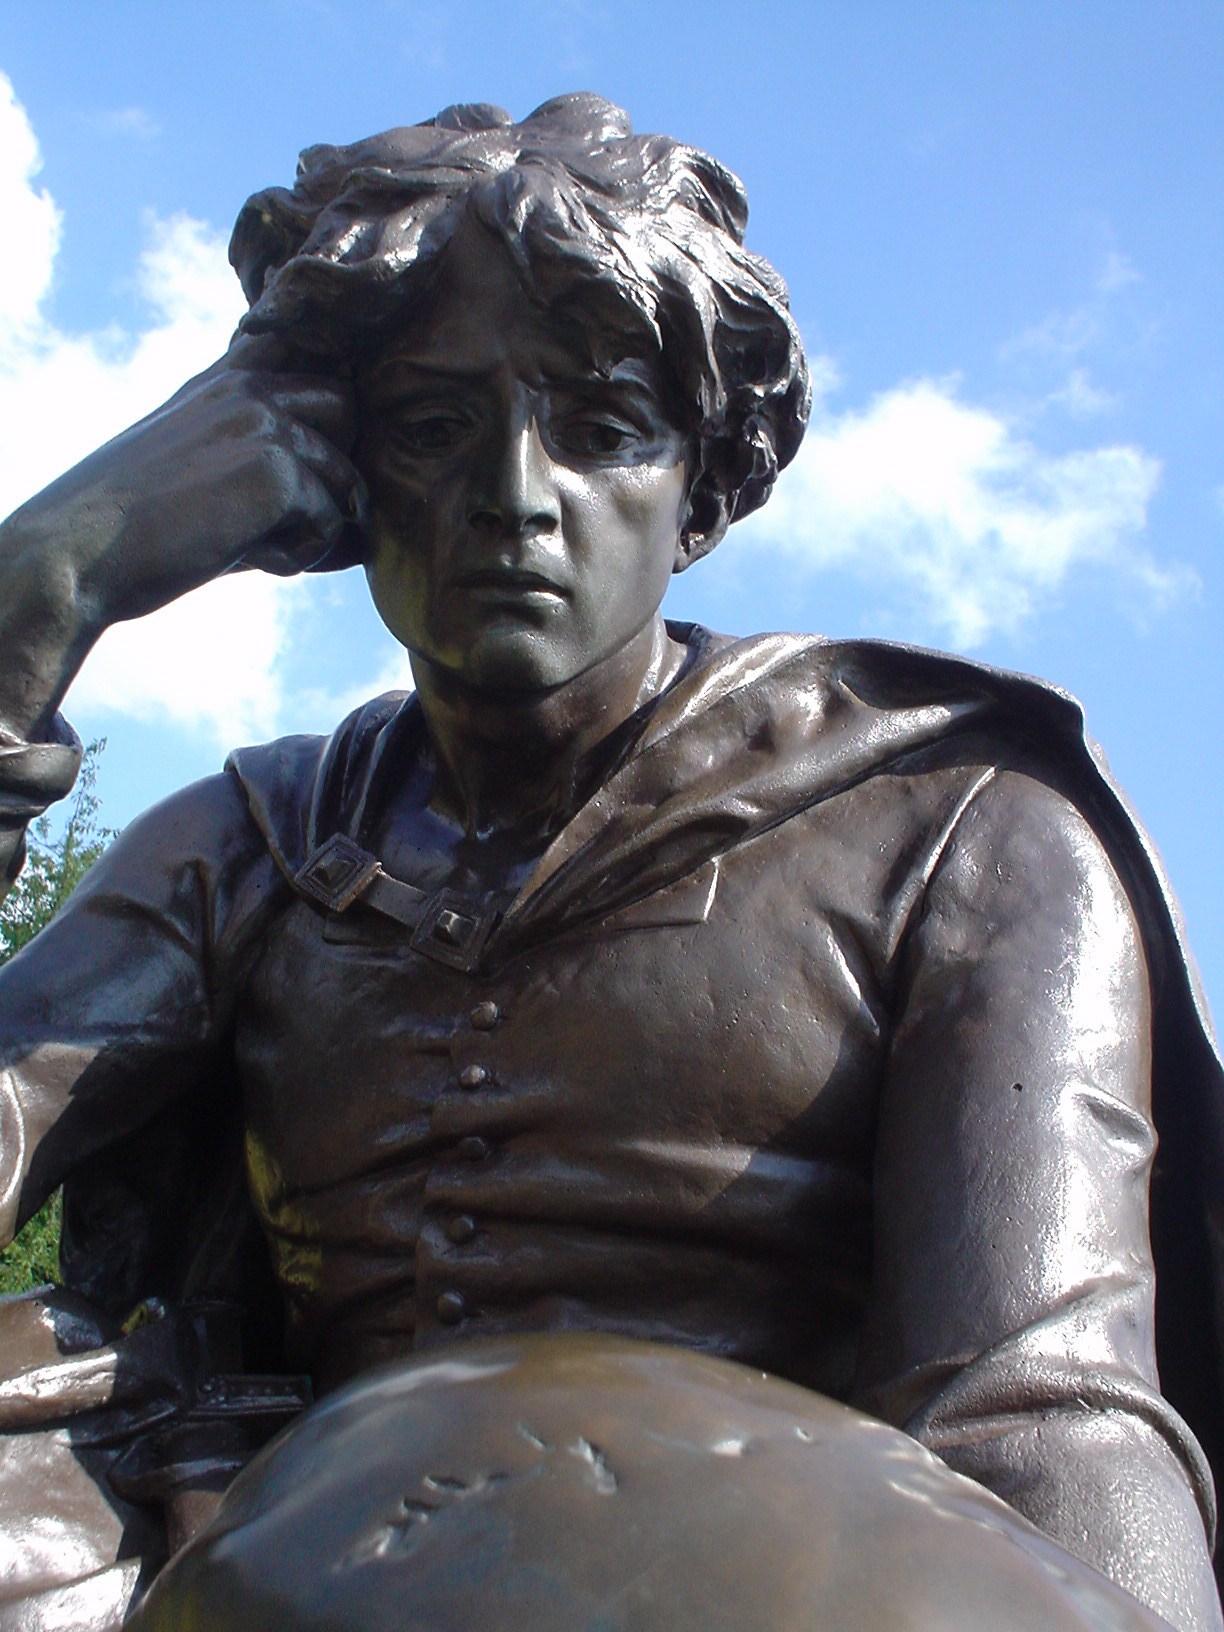 Sculpture of Hamlet